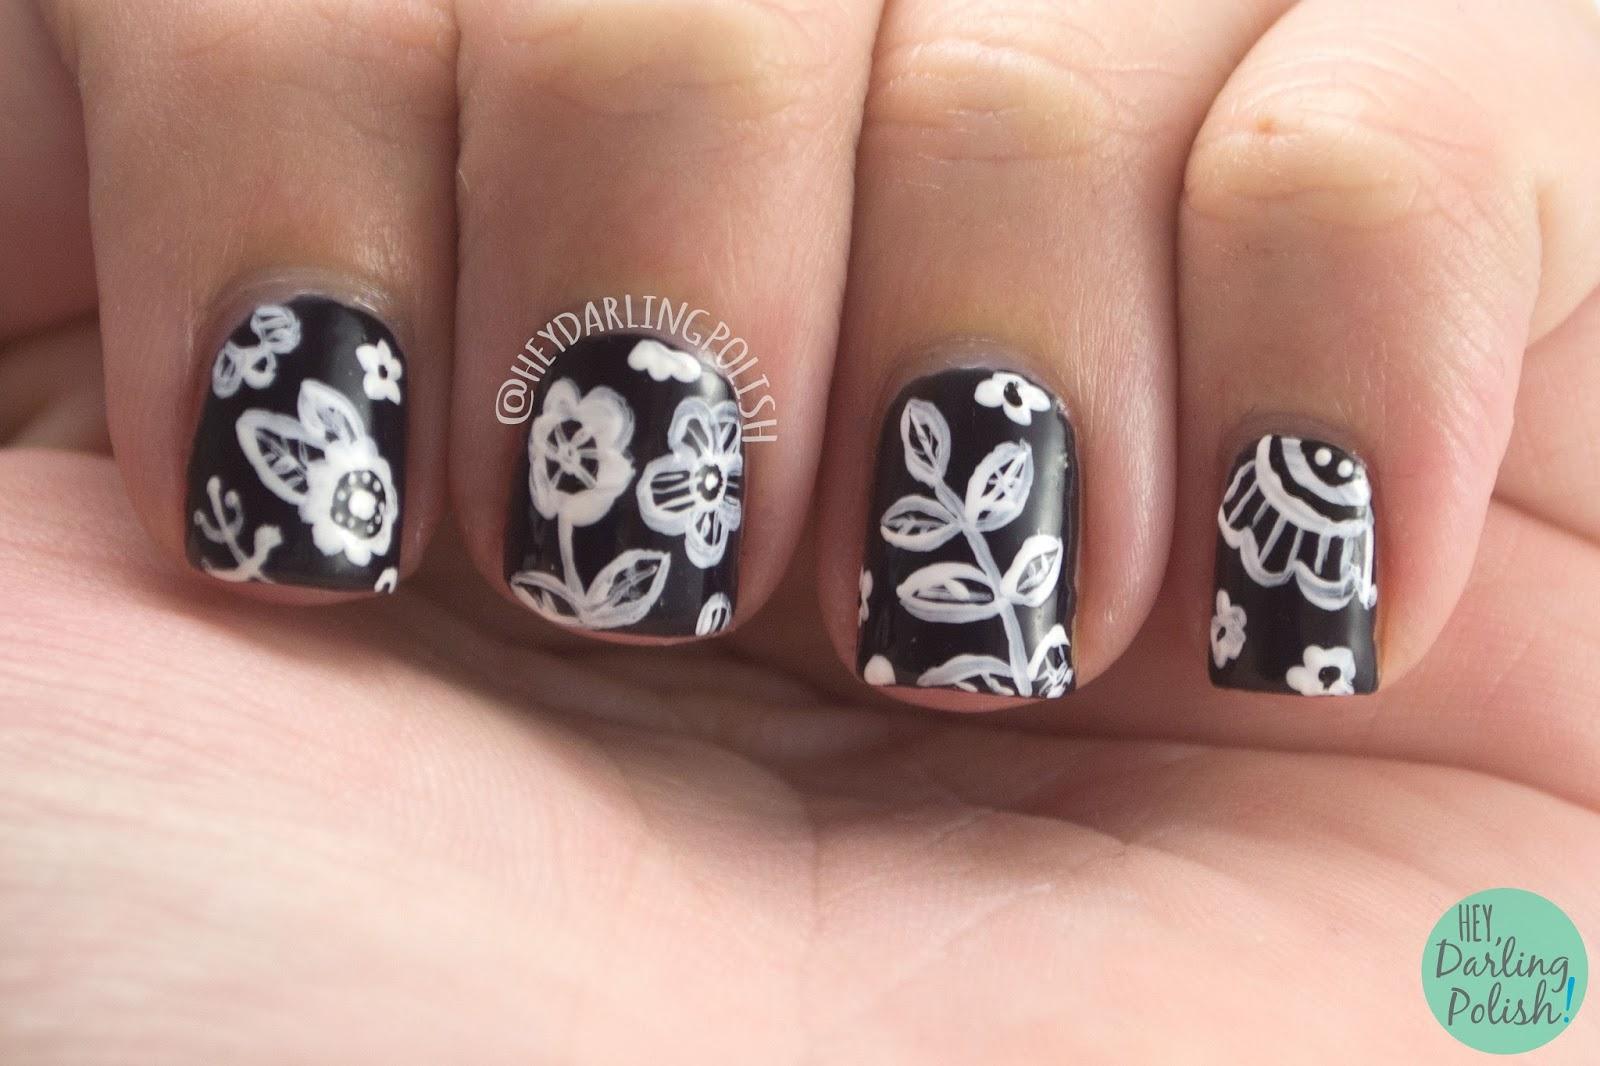 nails, nail art, nail polish, flowers, floral, black, white, hey darling polish, the nail art guild